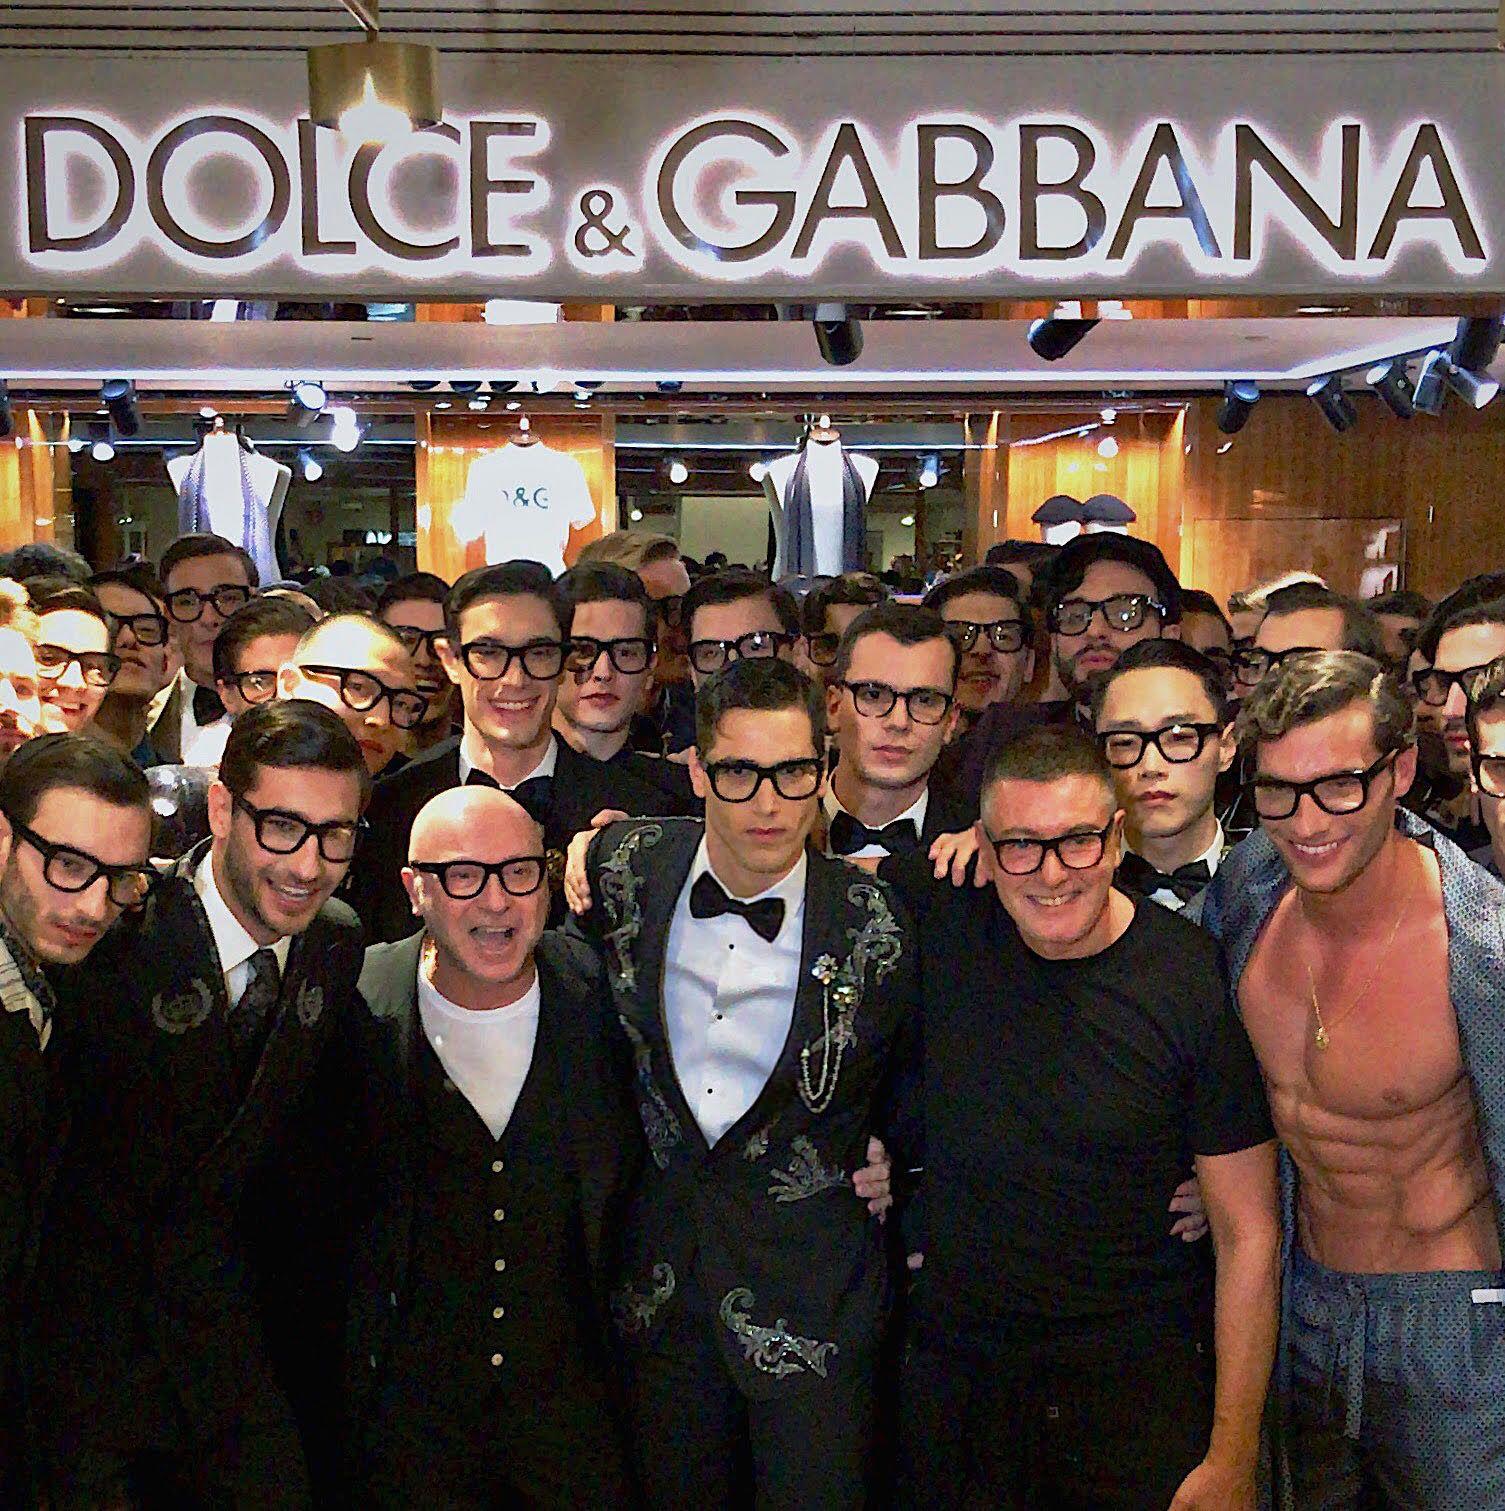 Dolce&Gabbana: tifo da stadio alla Rinascente per la collezione autunno/inverno 2018-19